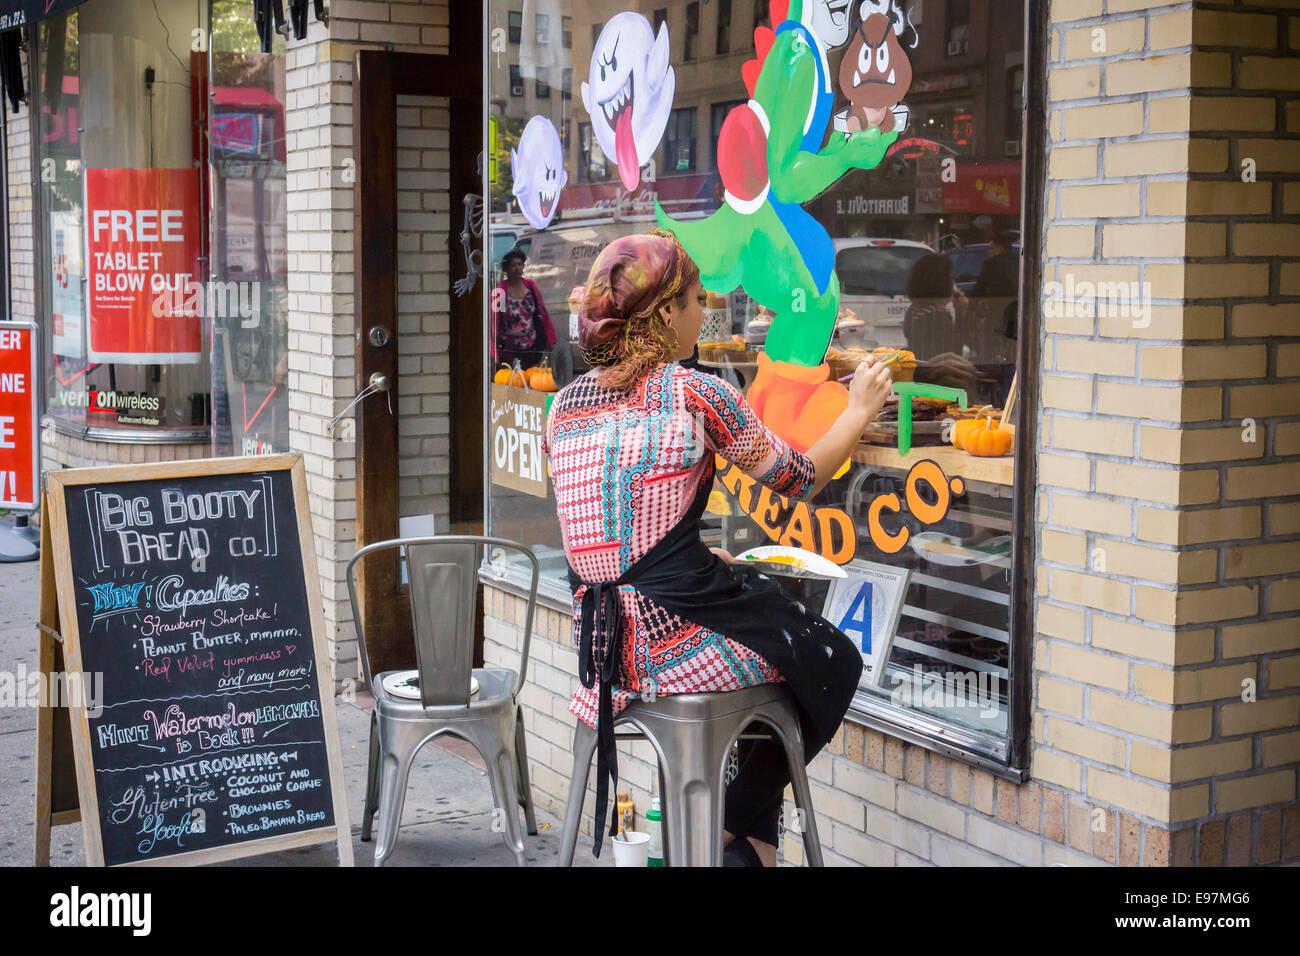 Un peintre d'enseignes ornent la fenêtre du Big Booty bakery Bread Co. à Chelsea à New York Photo Stock